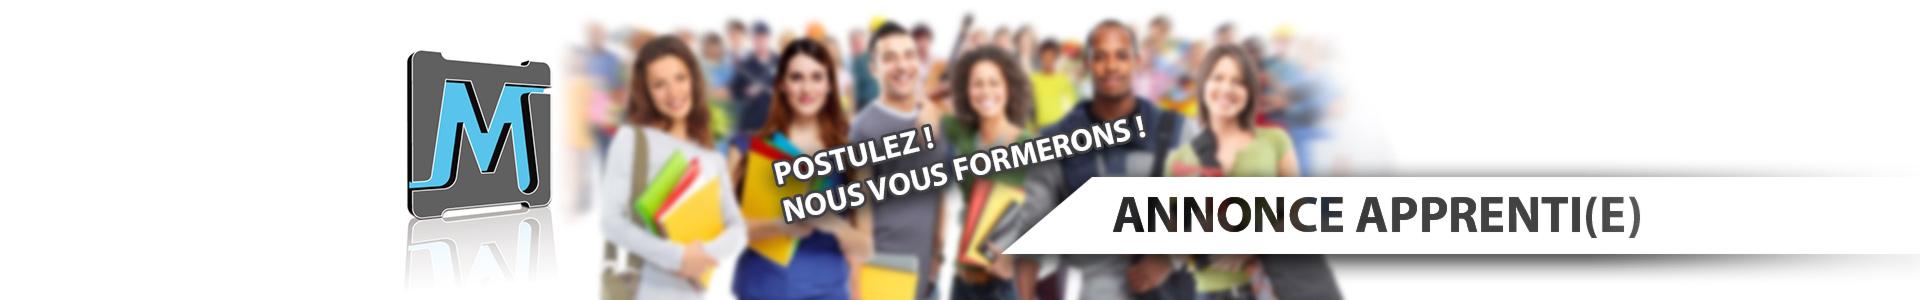 Offre 2021-2022 pour apprenti/apprentie industrie injection plastique chez Meridies (30, 34 et 66)